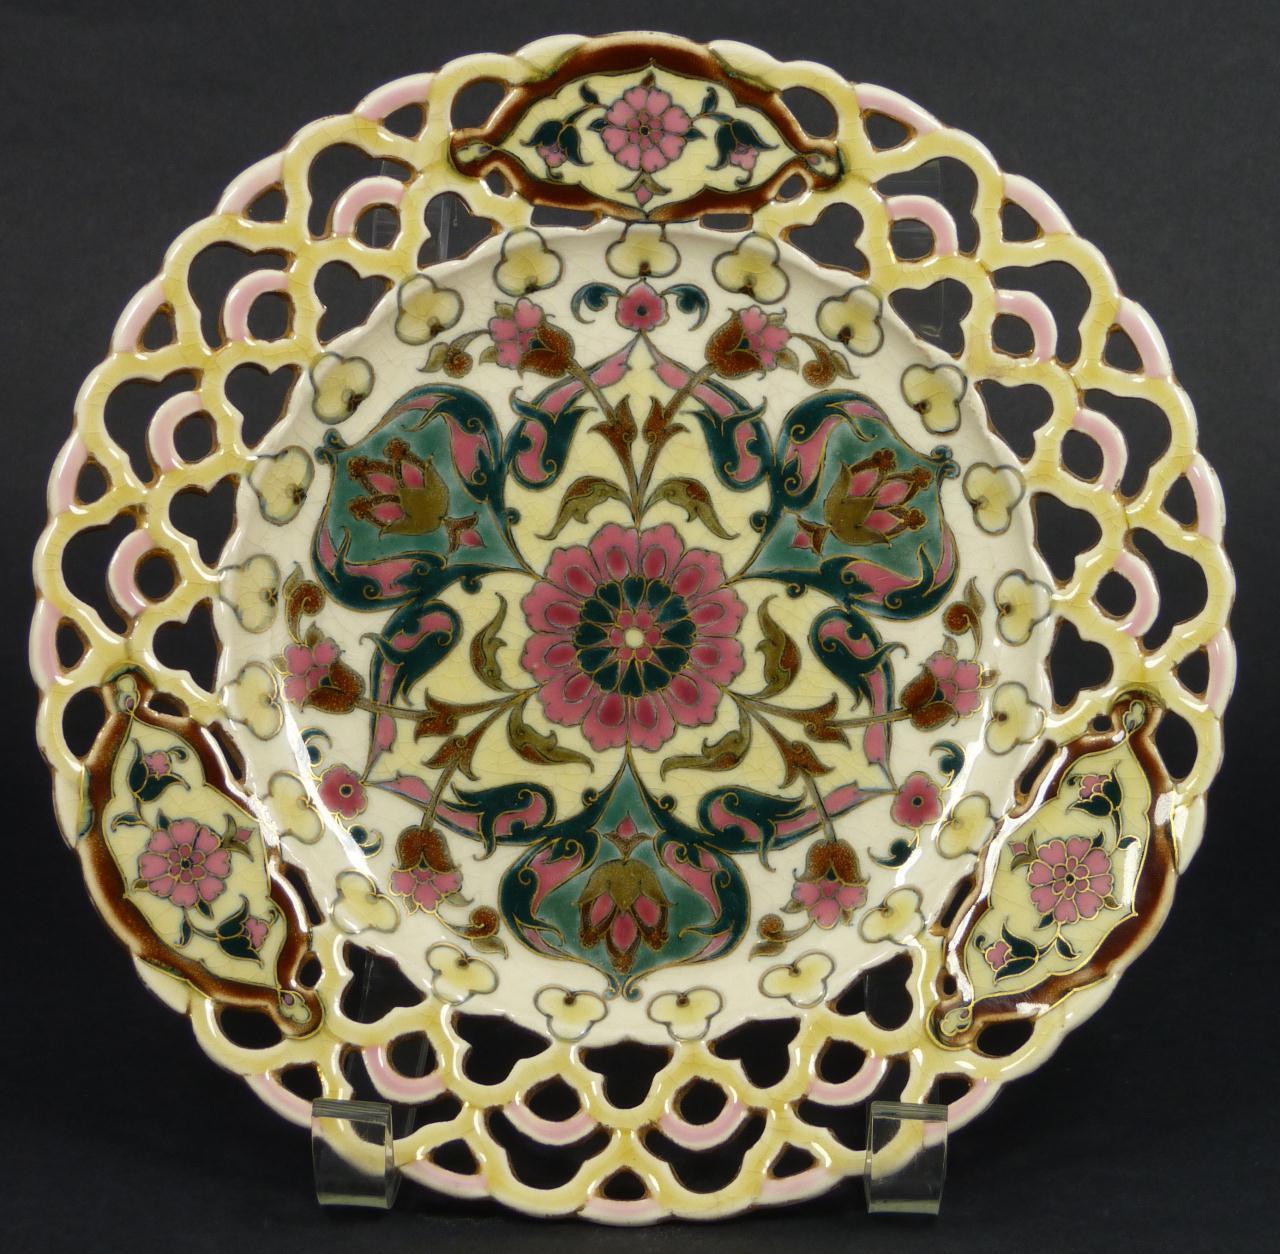 Stunning Art Nouveau design